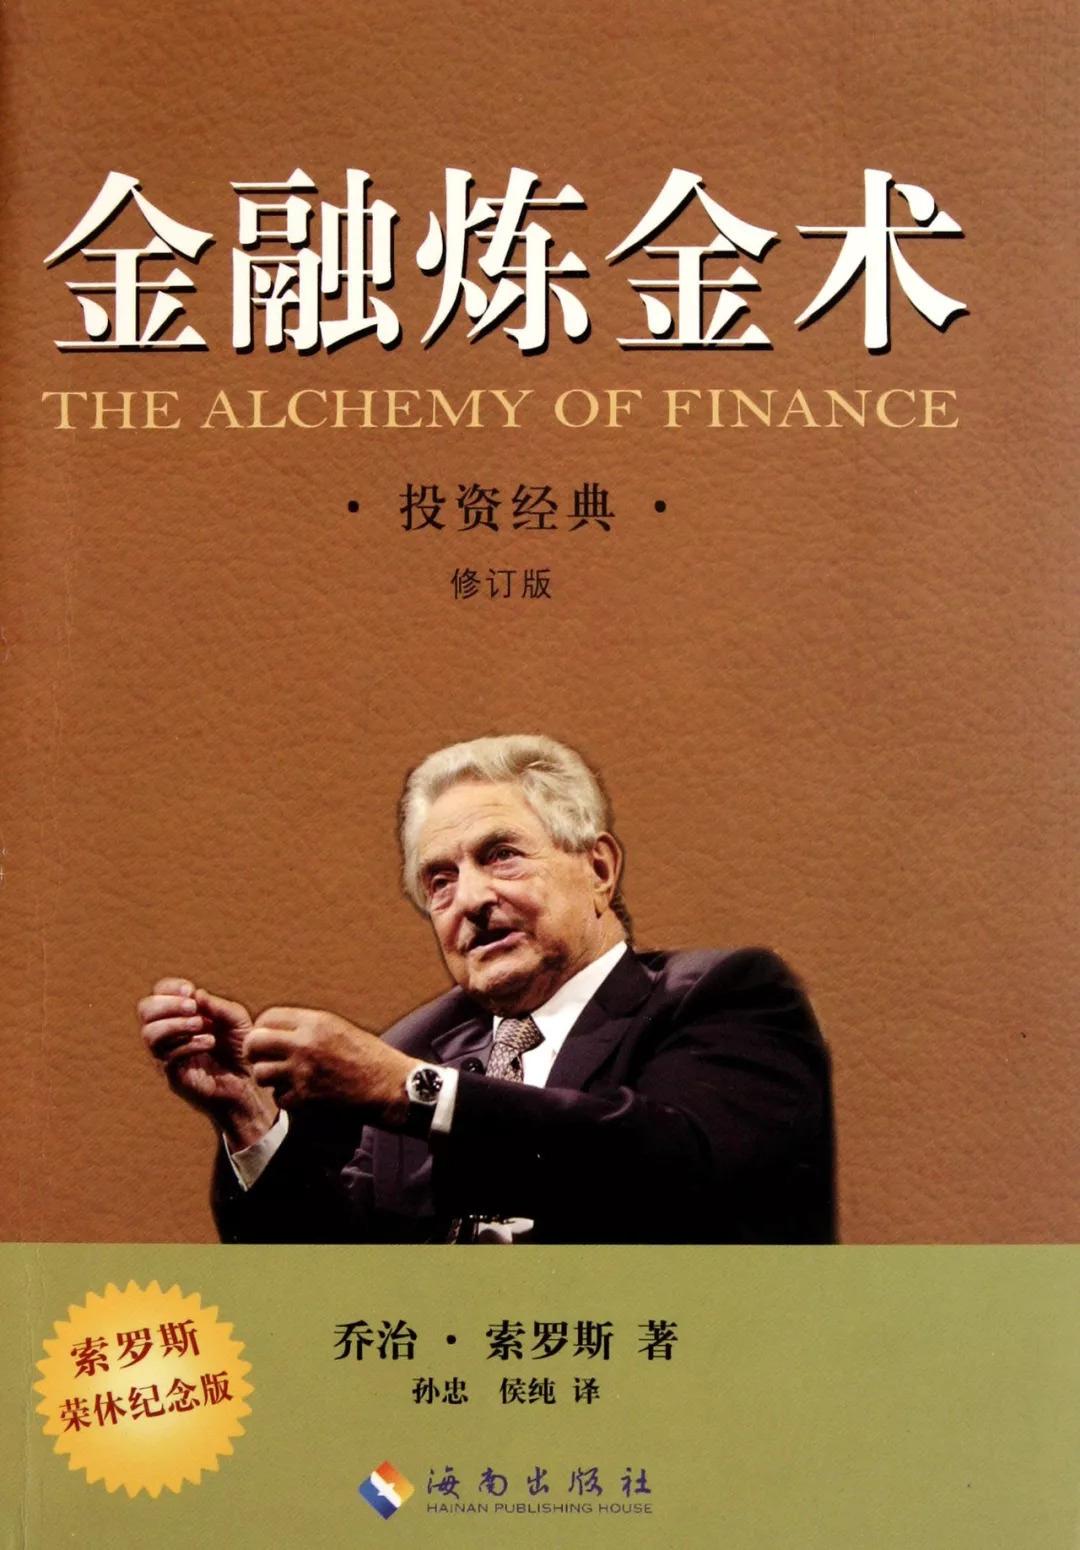 坤鹏论:经济学家集体汗颜 人家居然用哲学玩成了金融巨鳄-坤鹏论